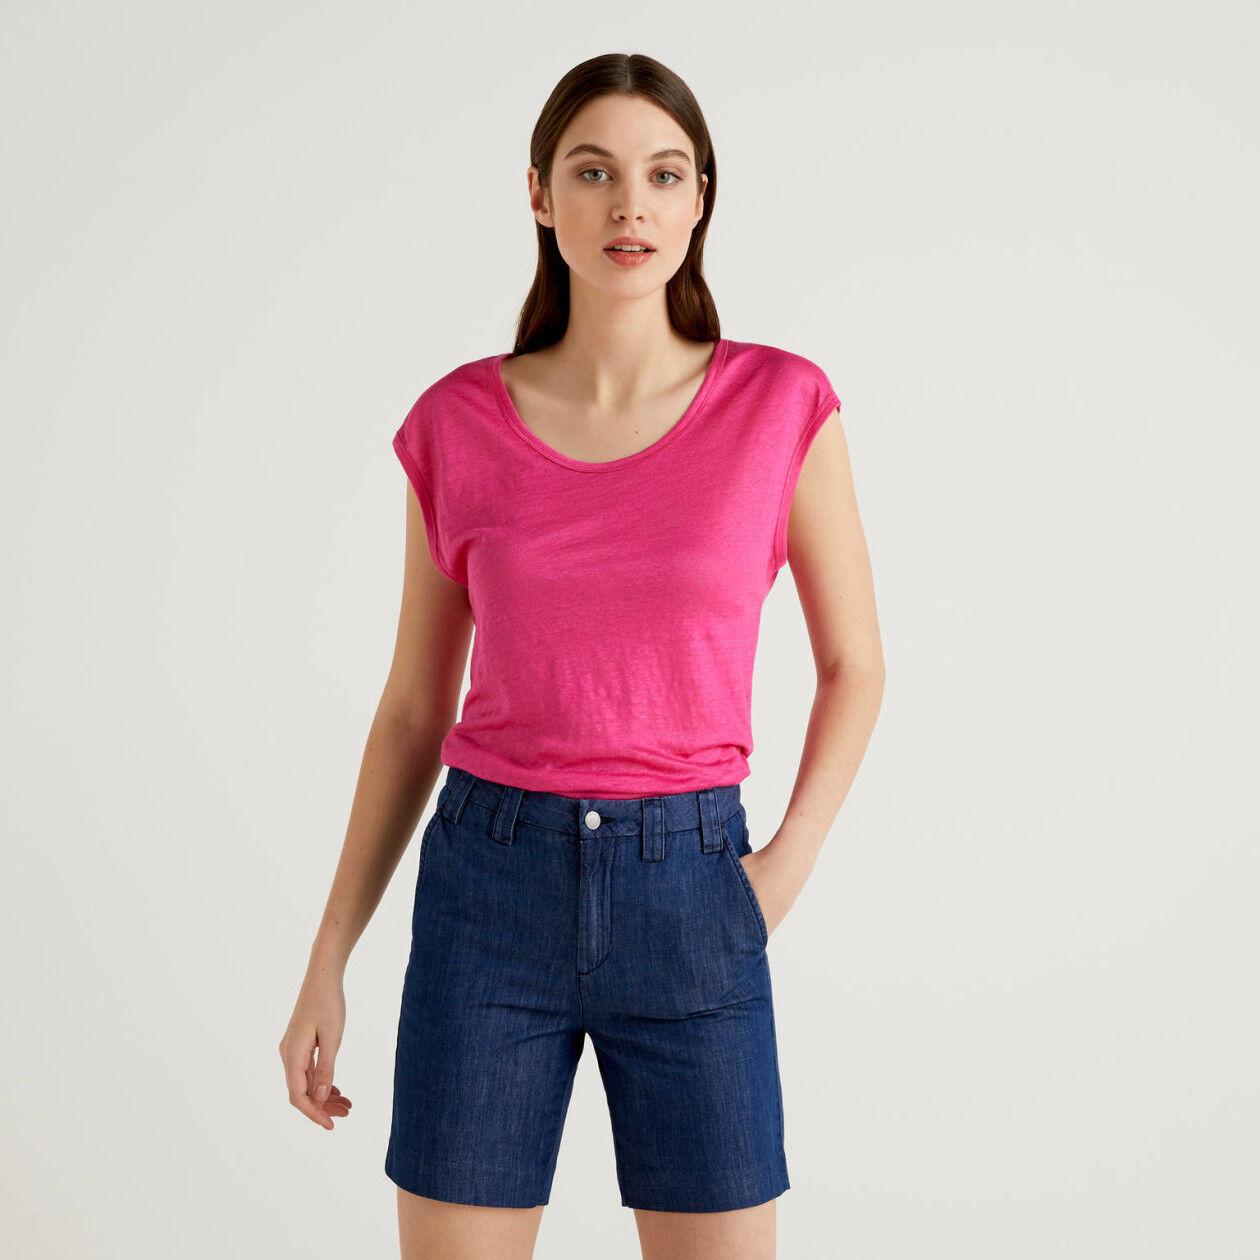 T-shirt κοντομάνικο από 100% λινό